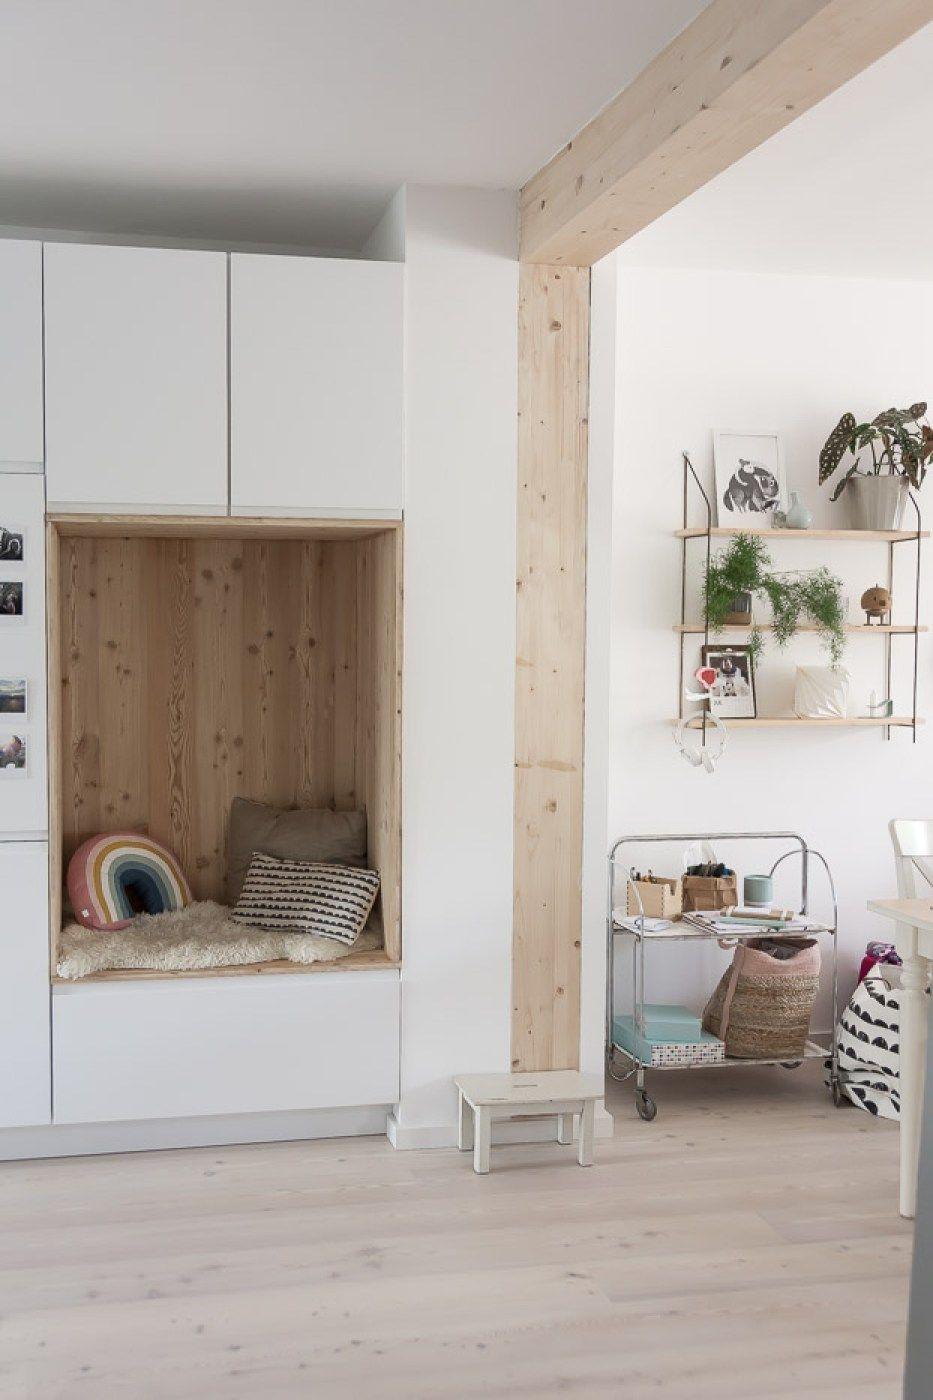 Umbau Reihenhaus Teil III - Neue Küche | Reihenhaus, Neue küche und ...